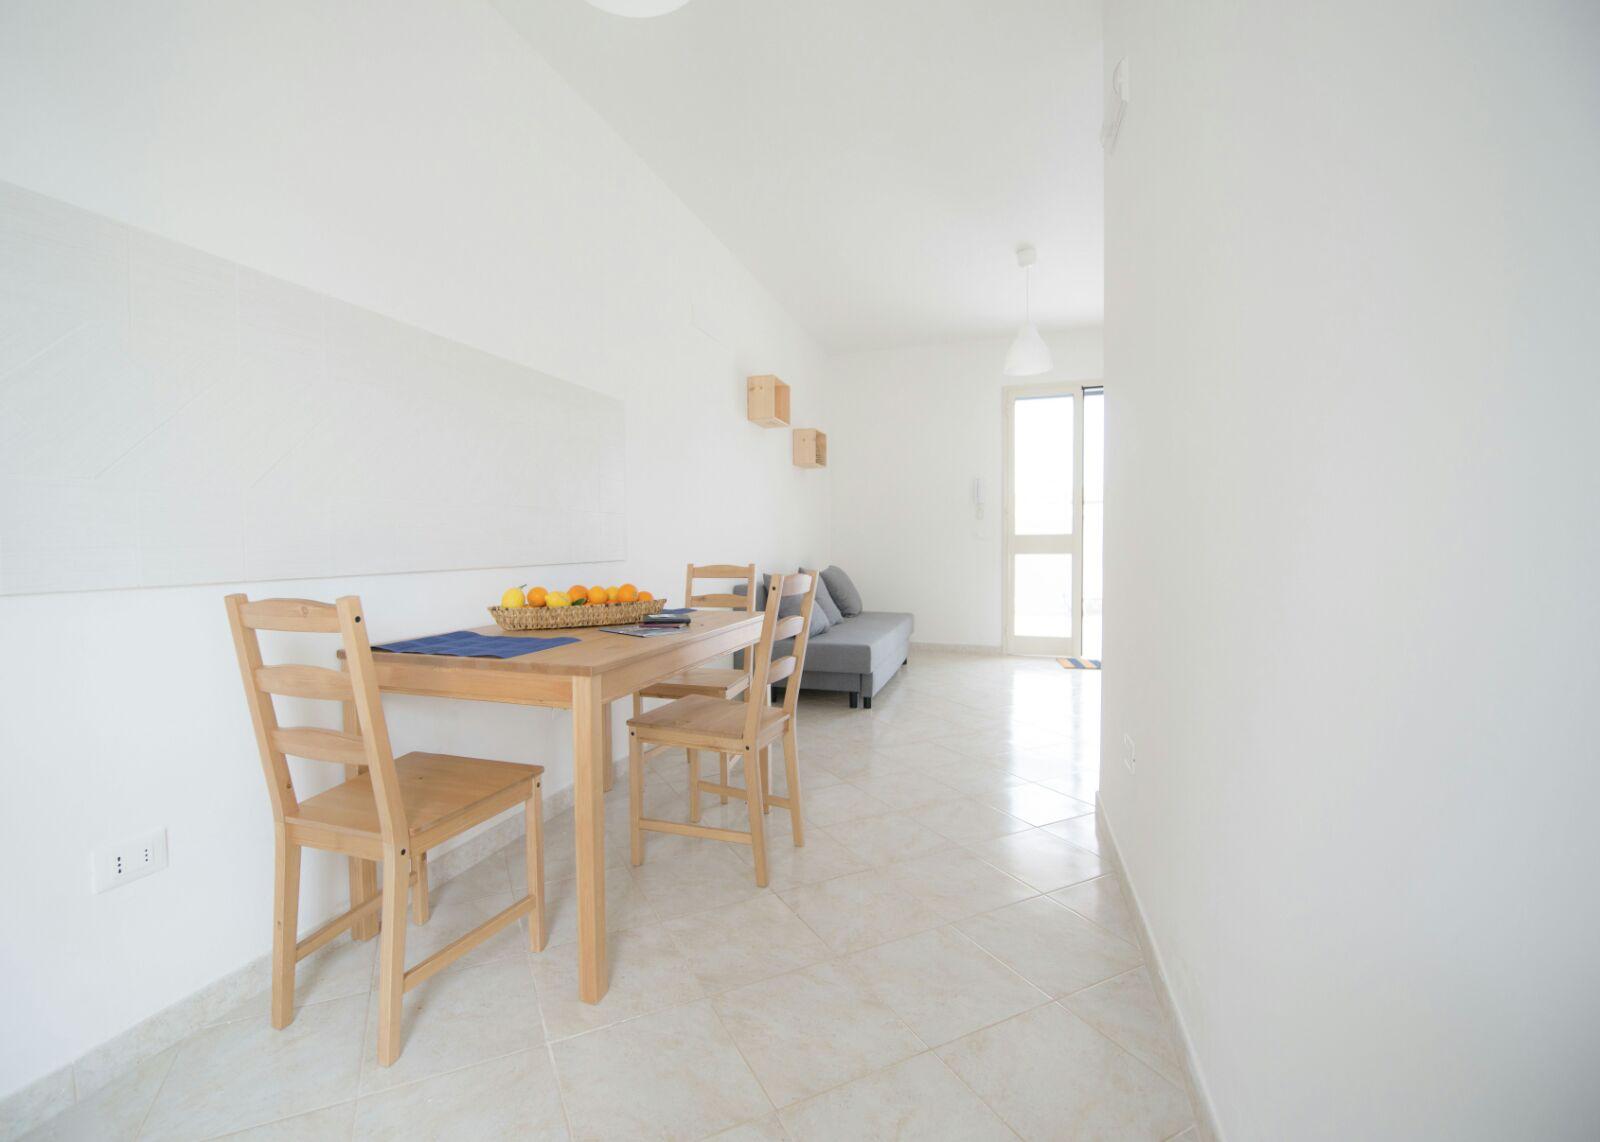 Sud 12 - Ville Sul Mediterraneo, Mazara del Vallo, Italy, economy hotels in Mazara del Vallo